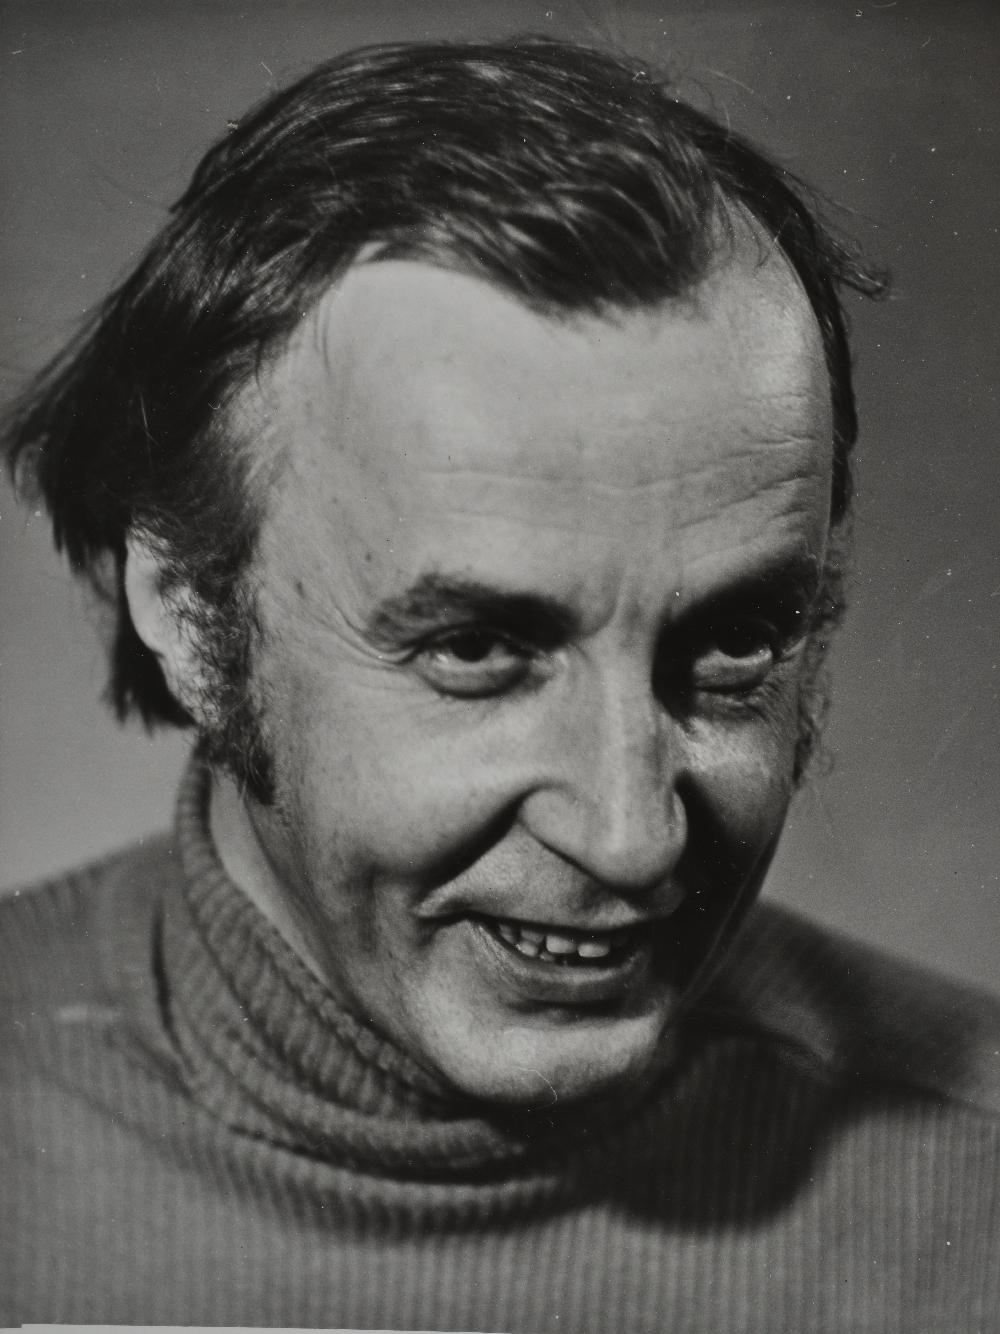 """Aarne Üksküla mängufilmi """"Nipernaadi"""" proovivõtetel, 1982. Foto: Mikk Raude. RA, EFA.203. A-489-5. efa0203_00a_0000489_00005_ft"""